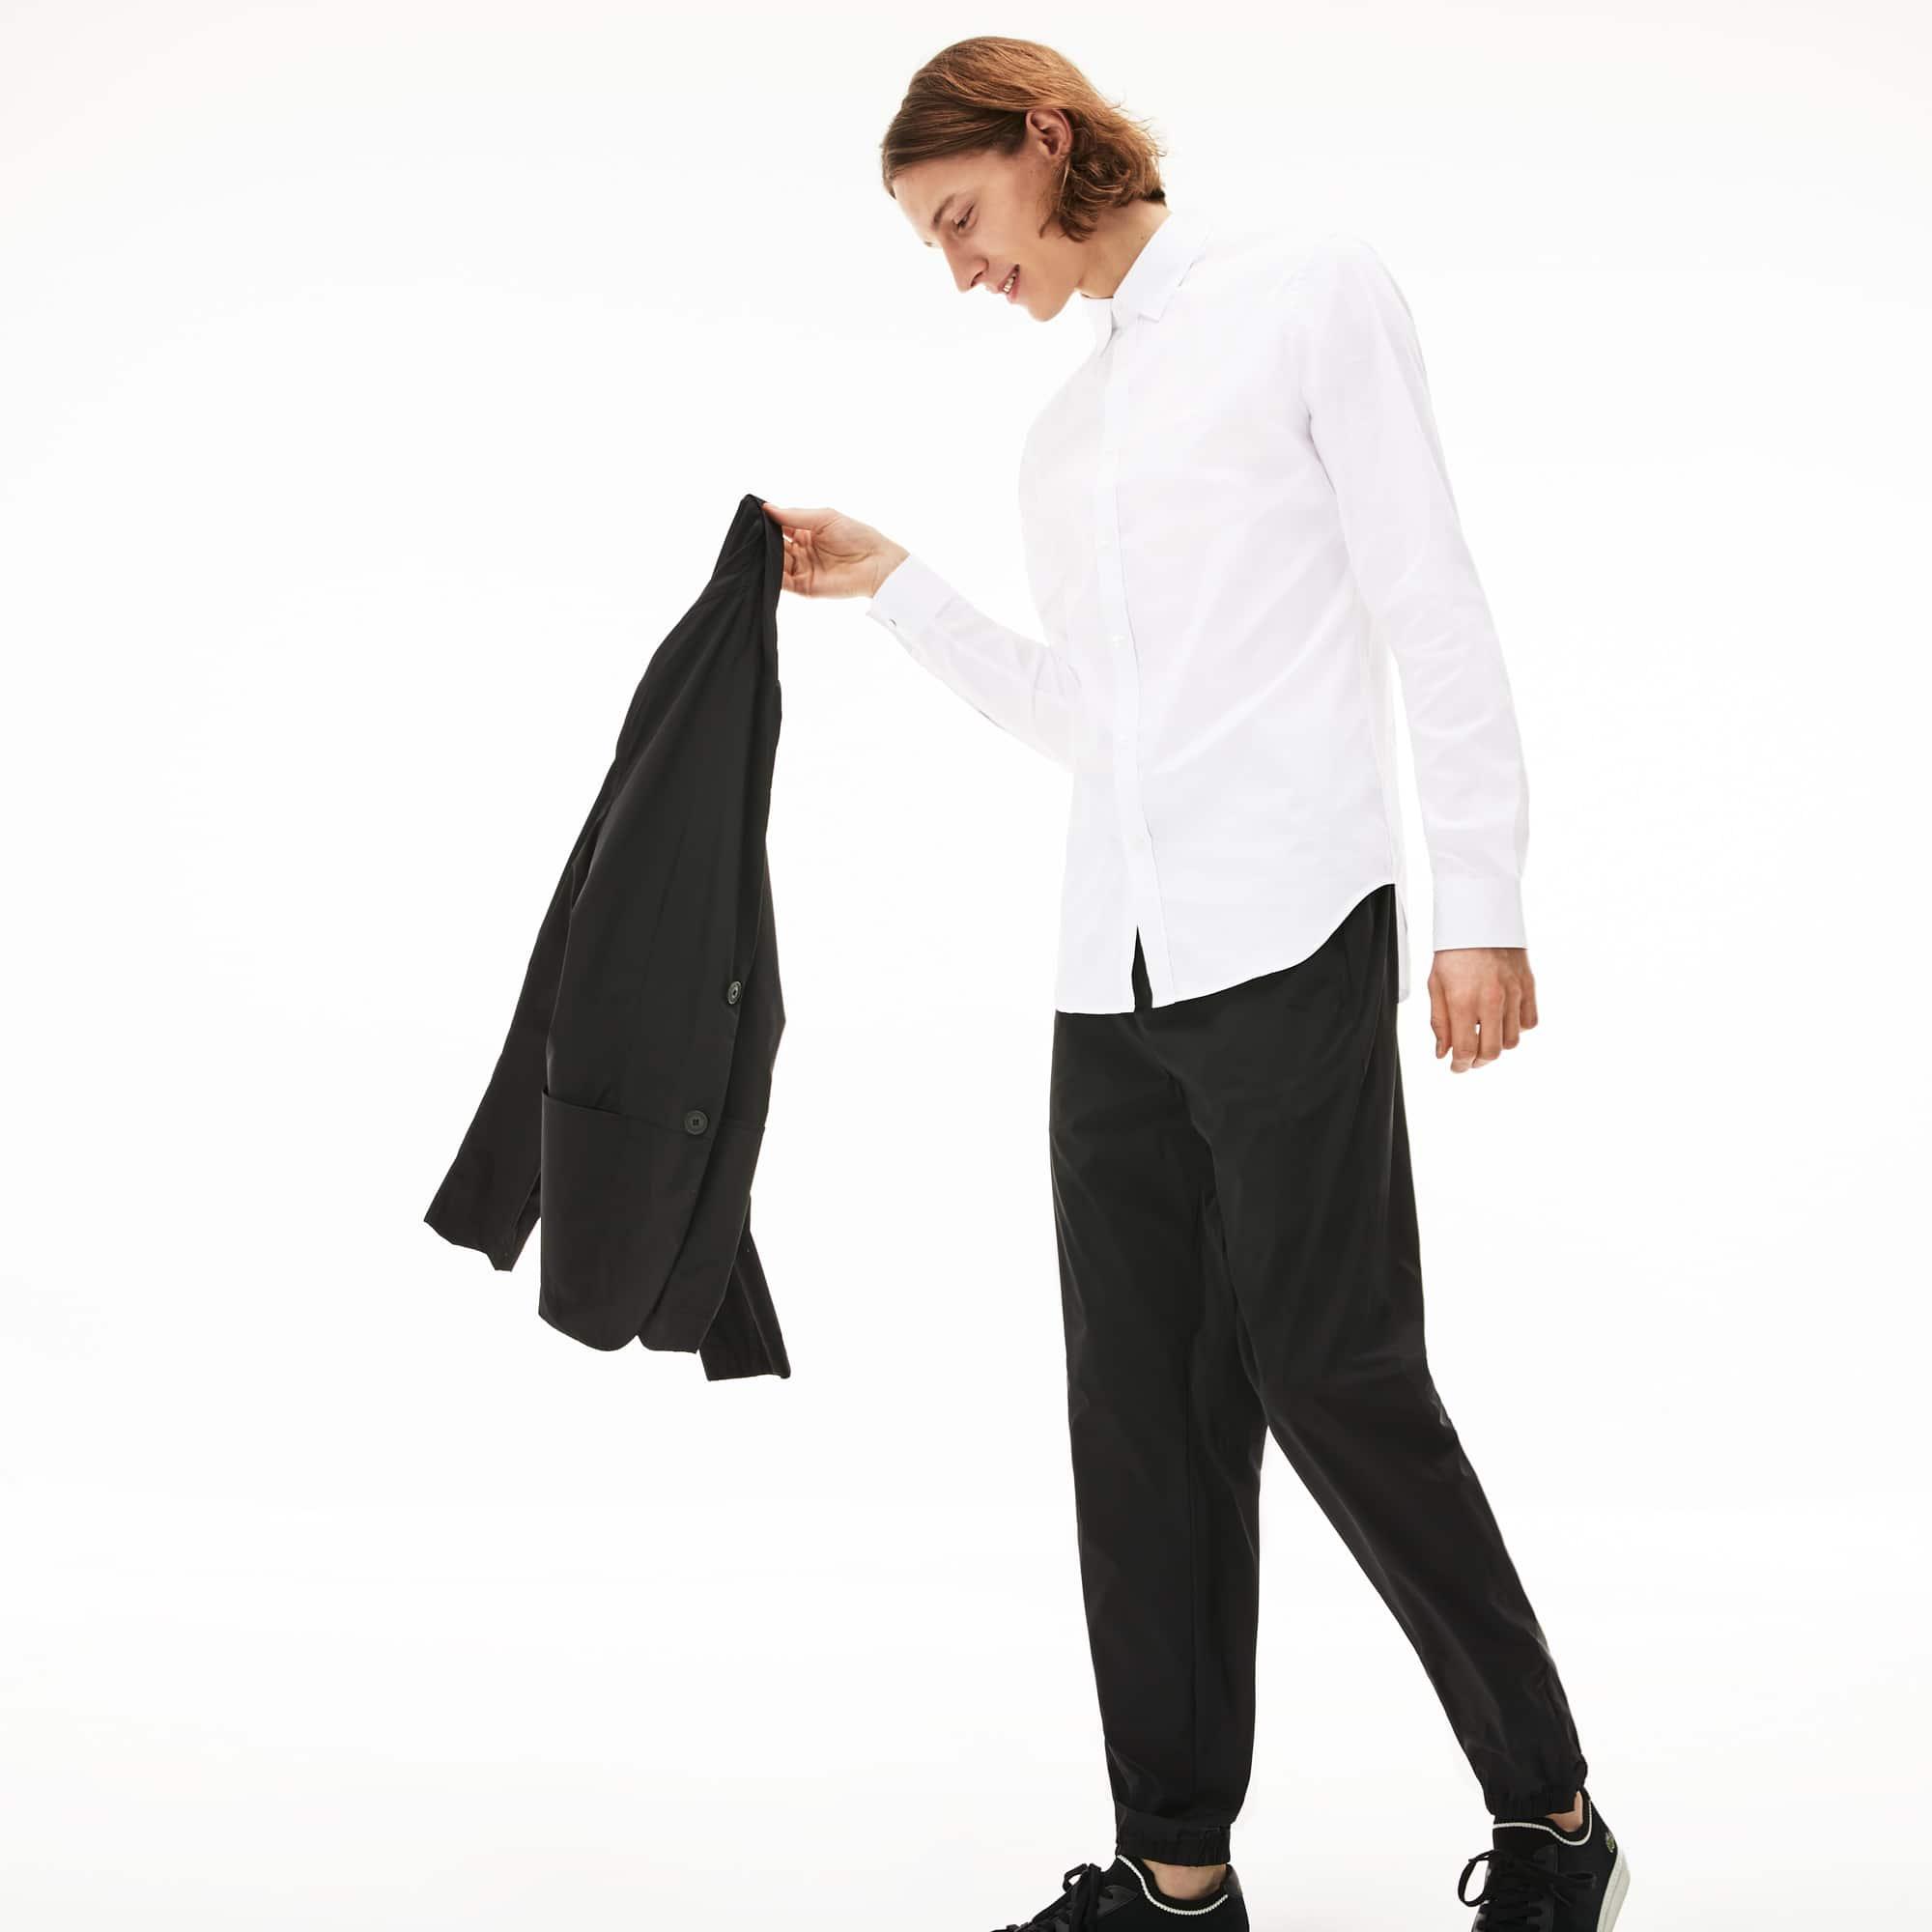 Chemises homme   Vêtements homme   LACOSTE 1a60a6ea52b9